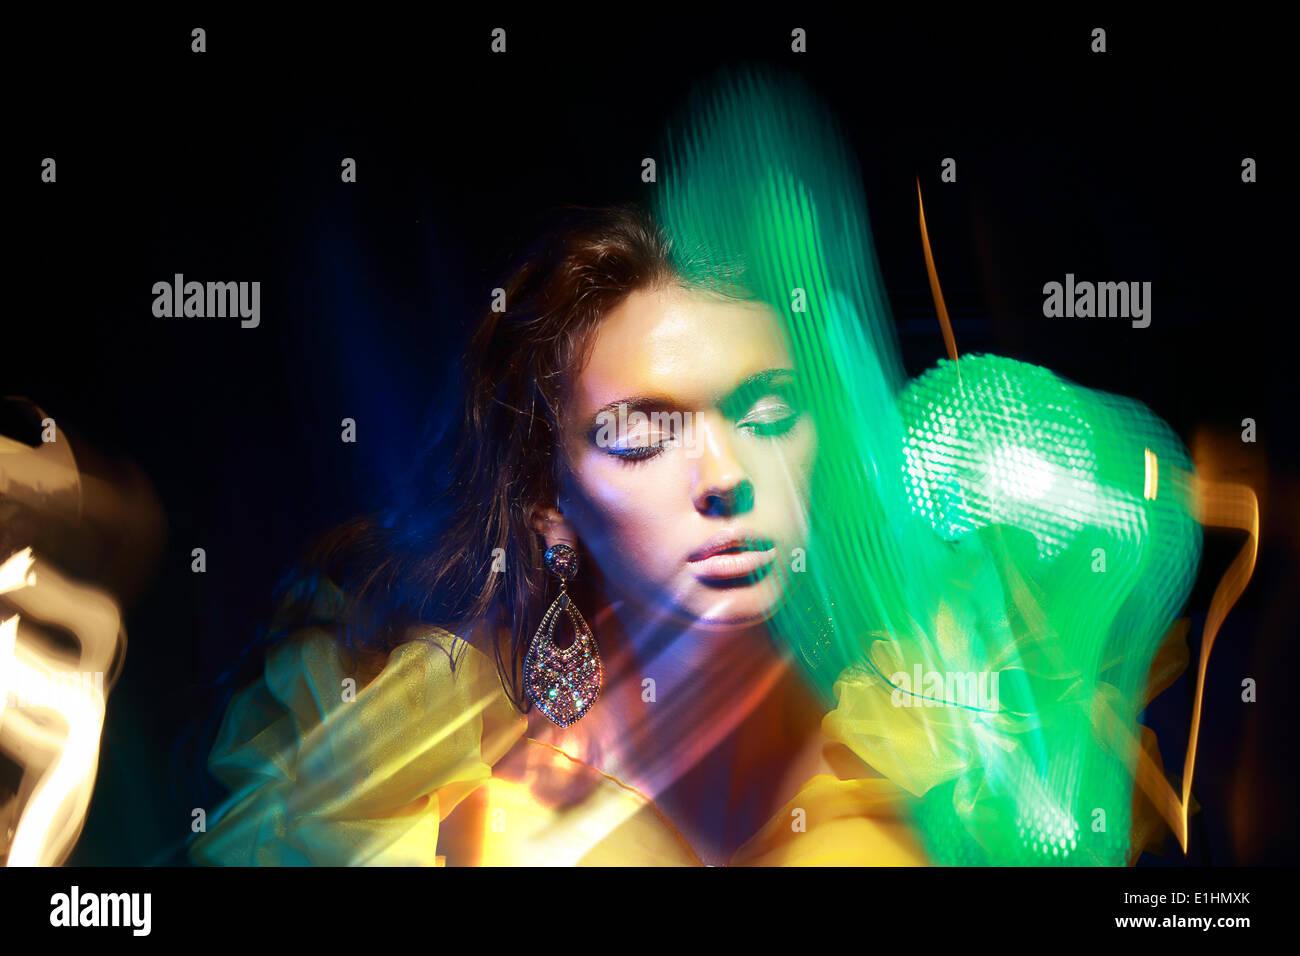 Flattern. Gesicht der Frau im unscharfen bunte Lichter. Eine Metamorphose Stockbild